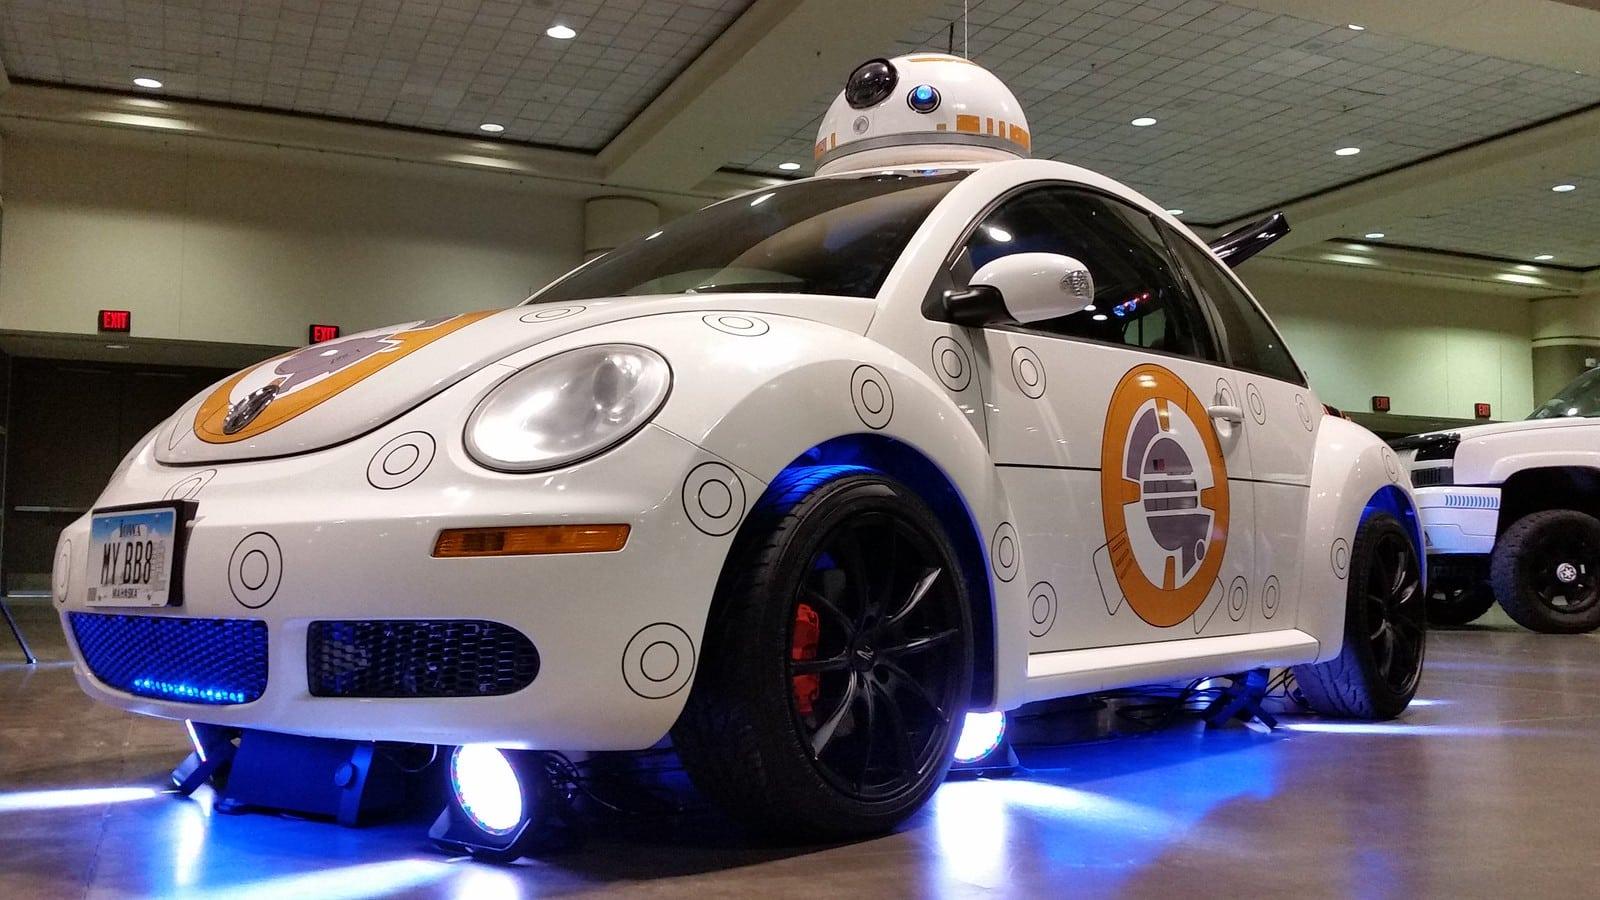 Photographie d'une voiture autonome exposée au Star Wars Celebration à Orlando en 2017 pour illustrer le site des ventes aux enchères en ligne Adesa